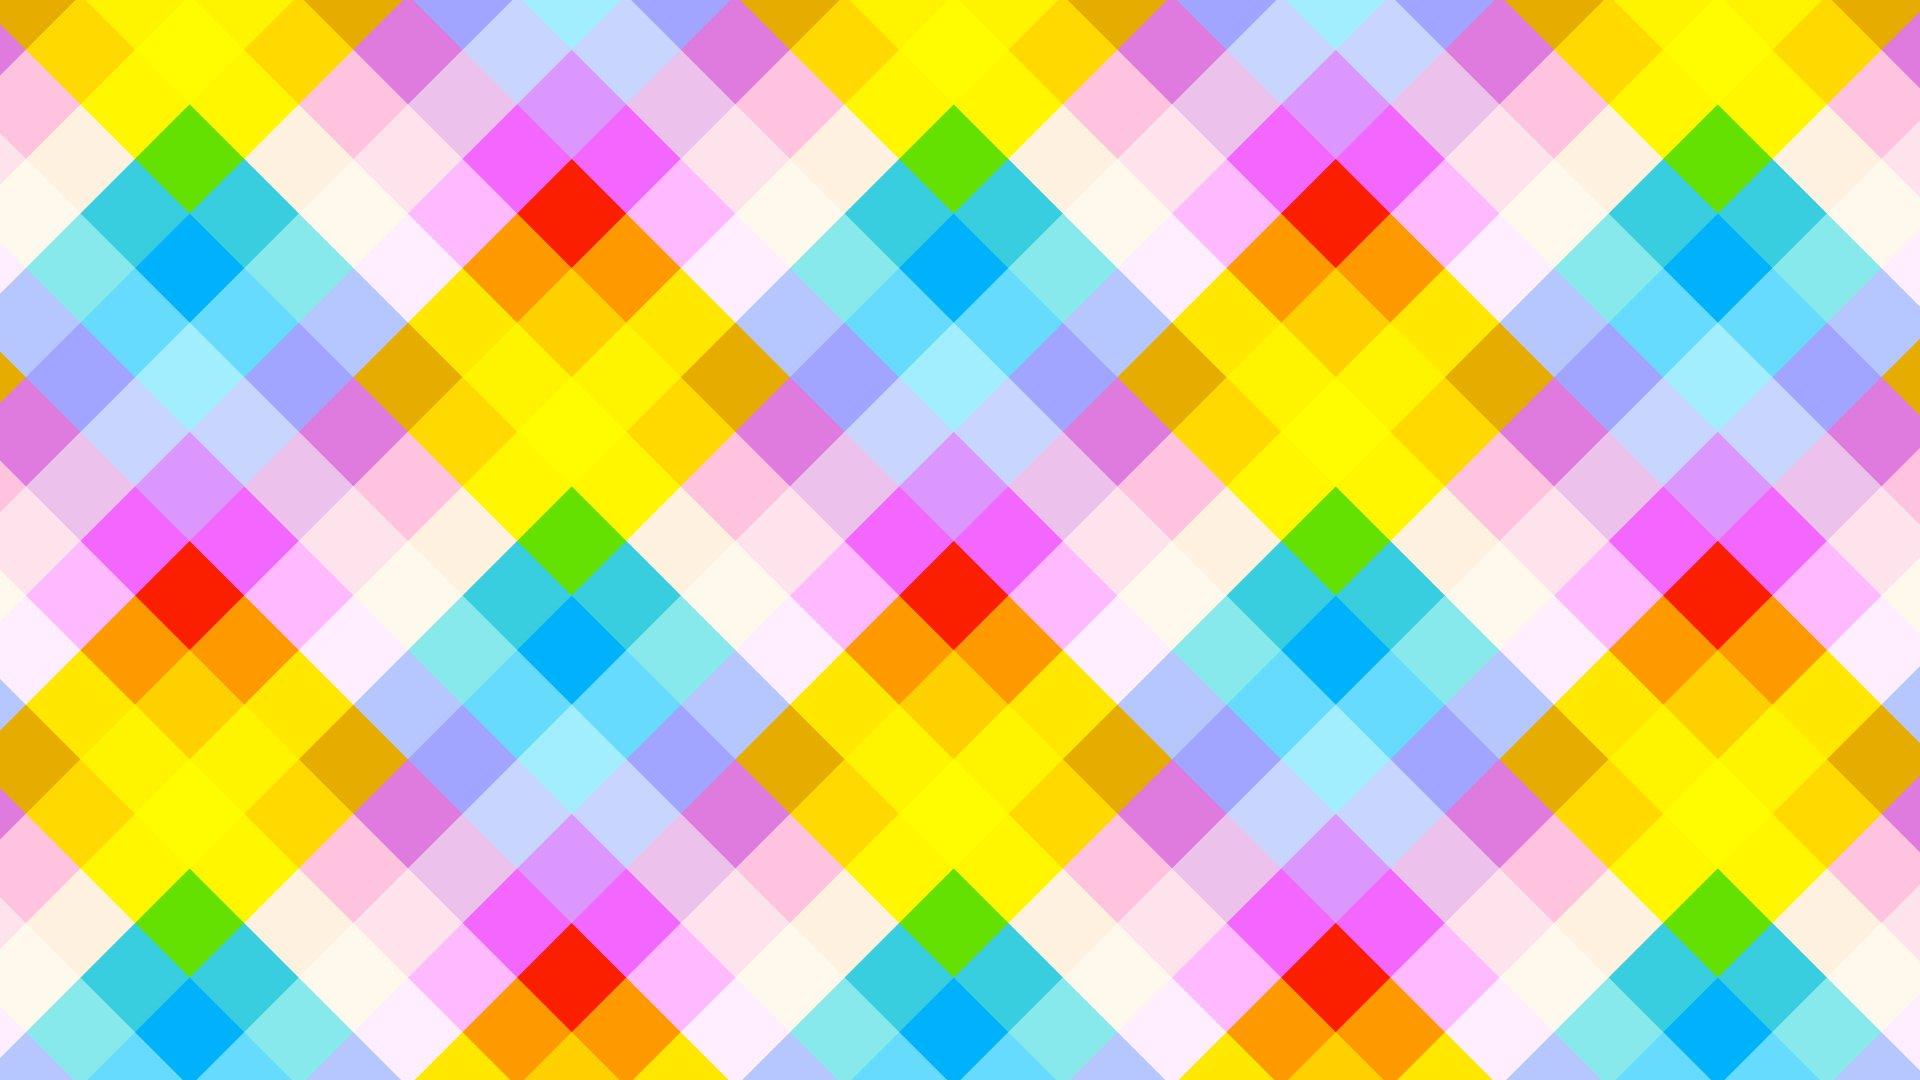 47+ Pastel Rainbow Wallpaper on WallpaperSafari